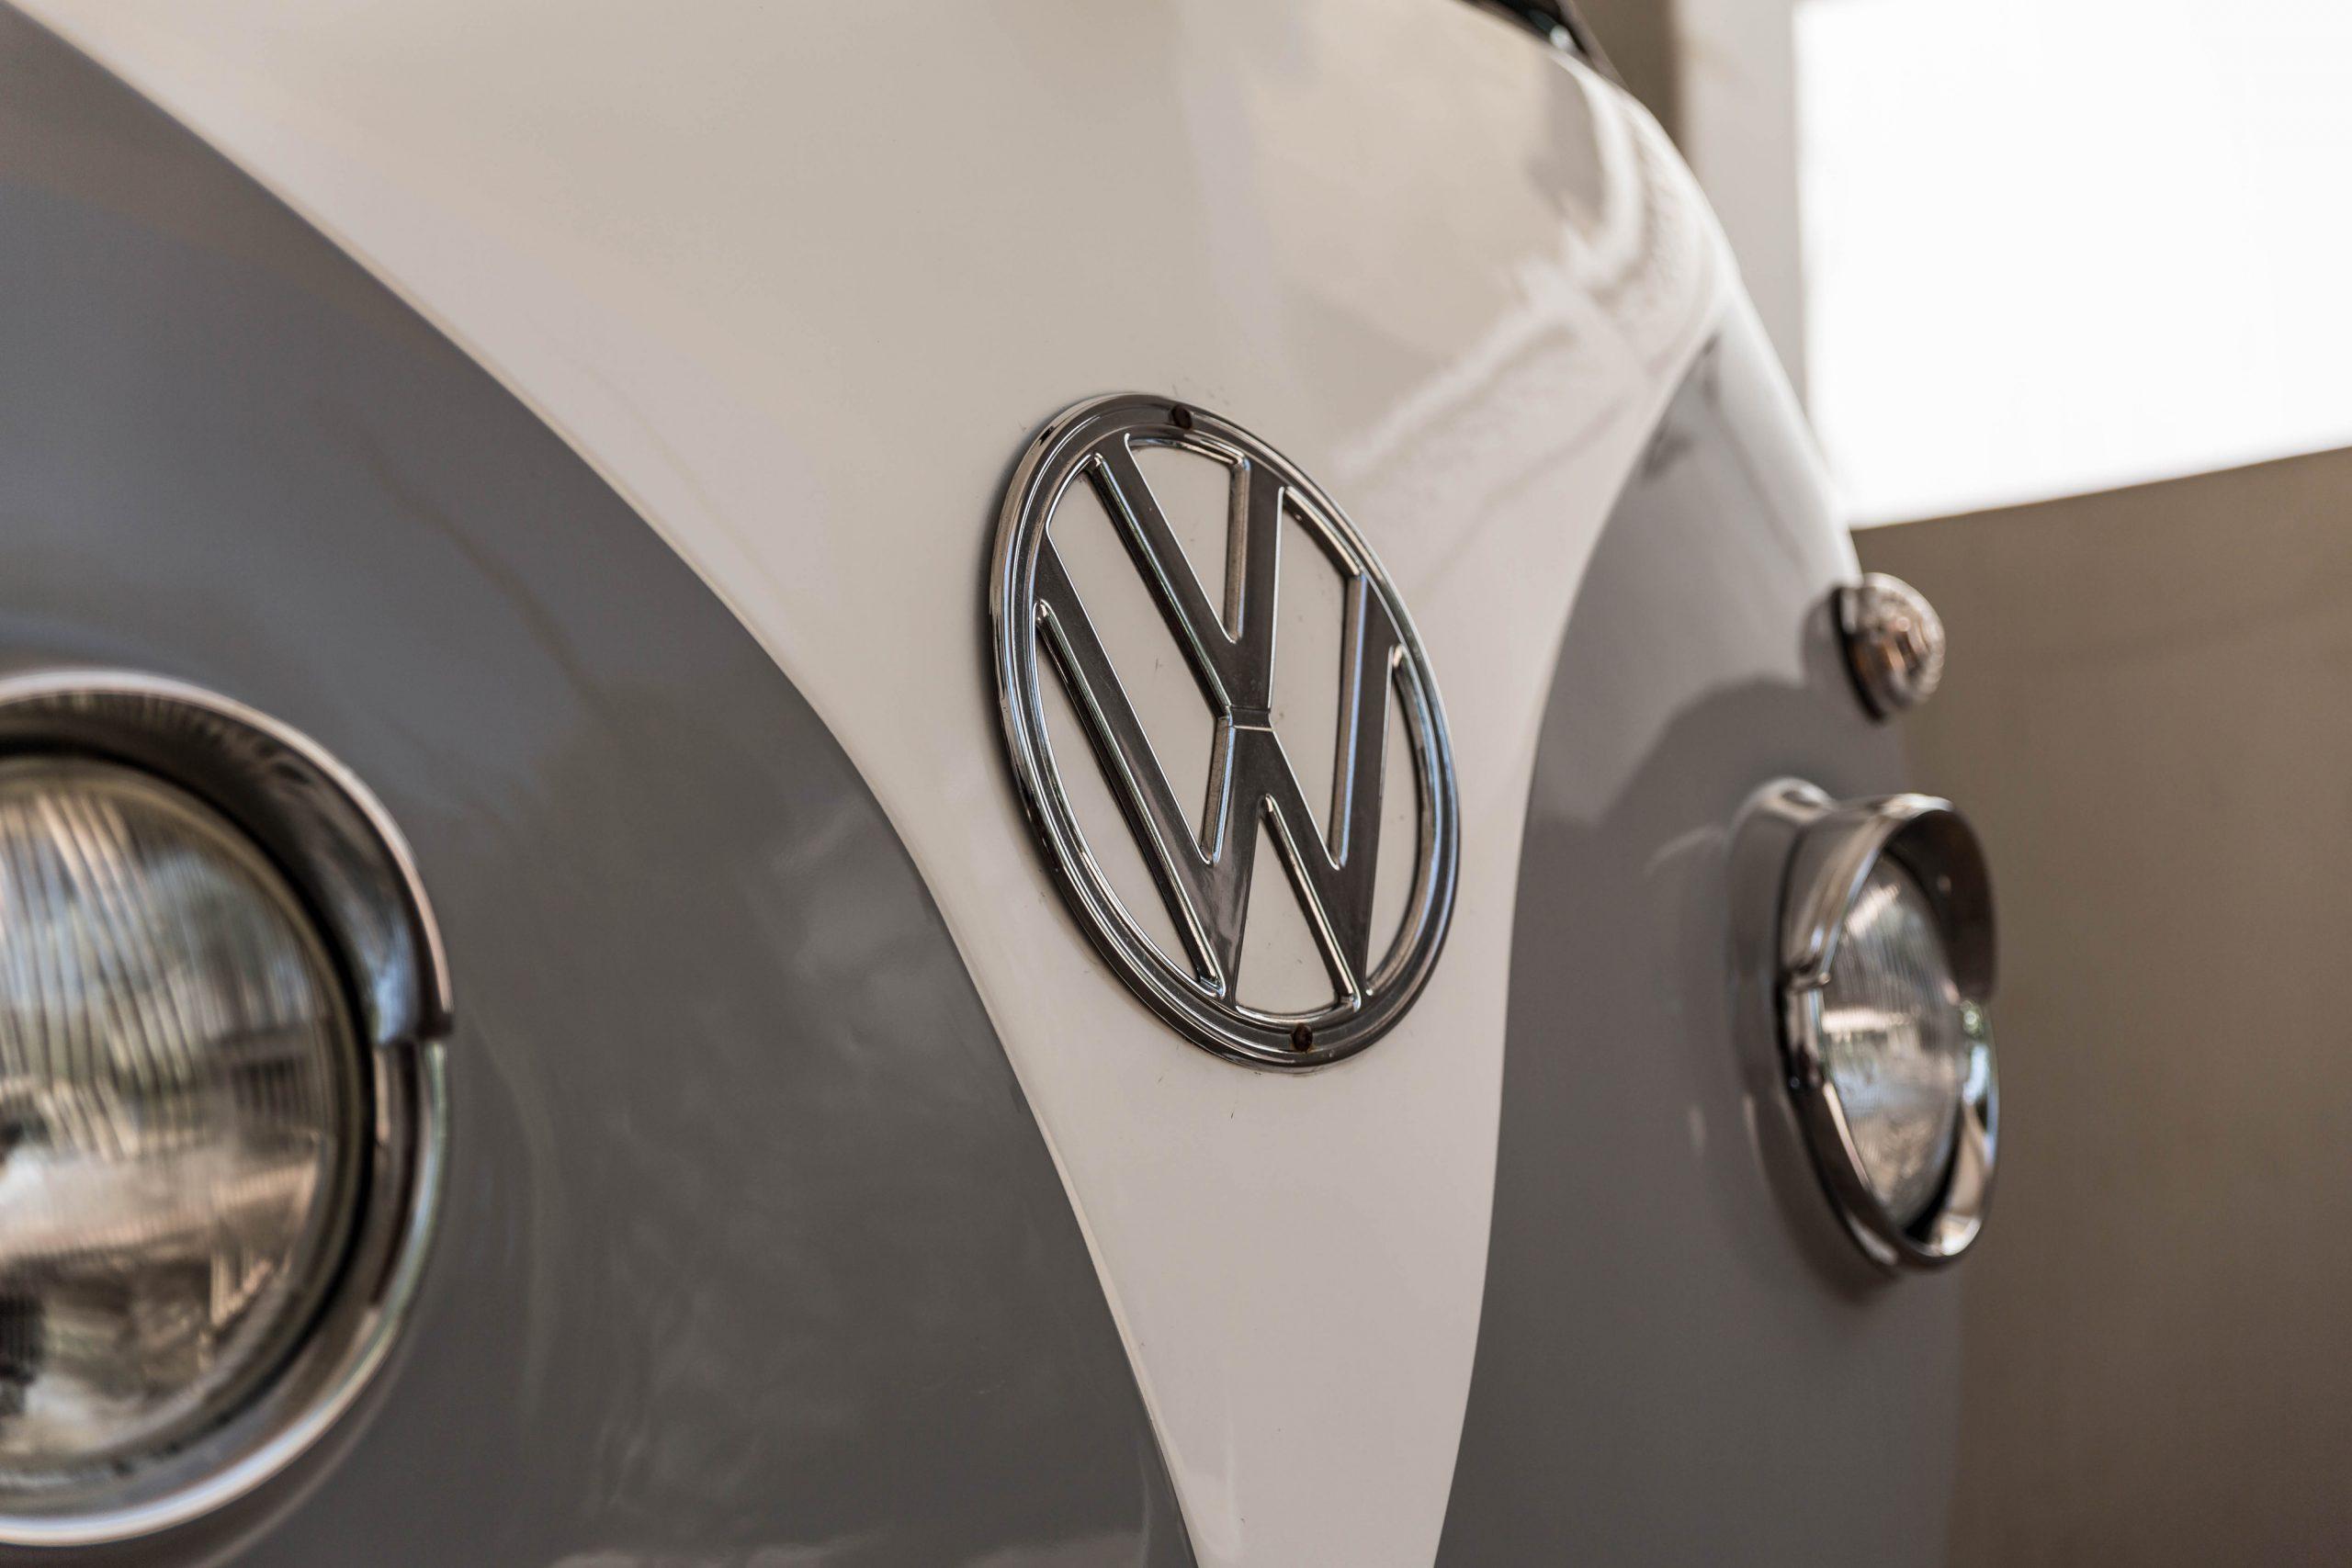 1994-Subaru-Sambar vw logo detail